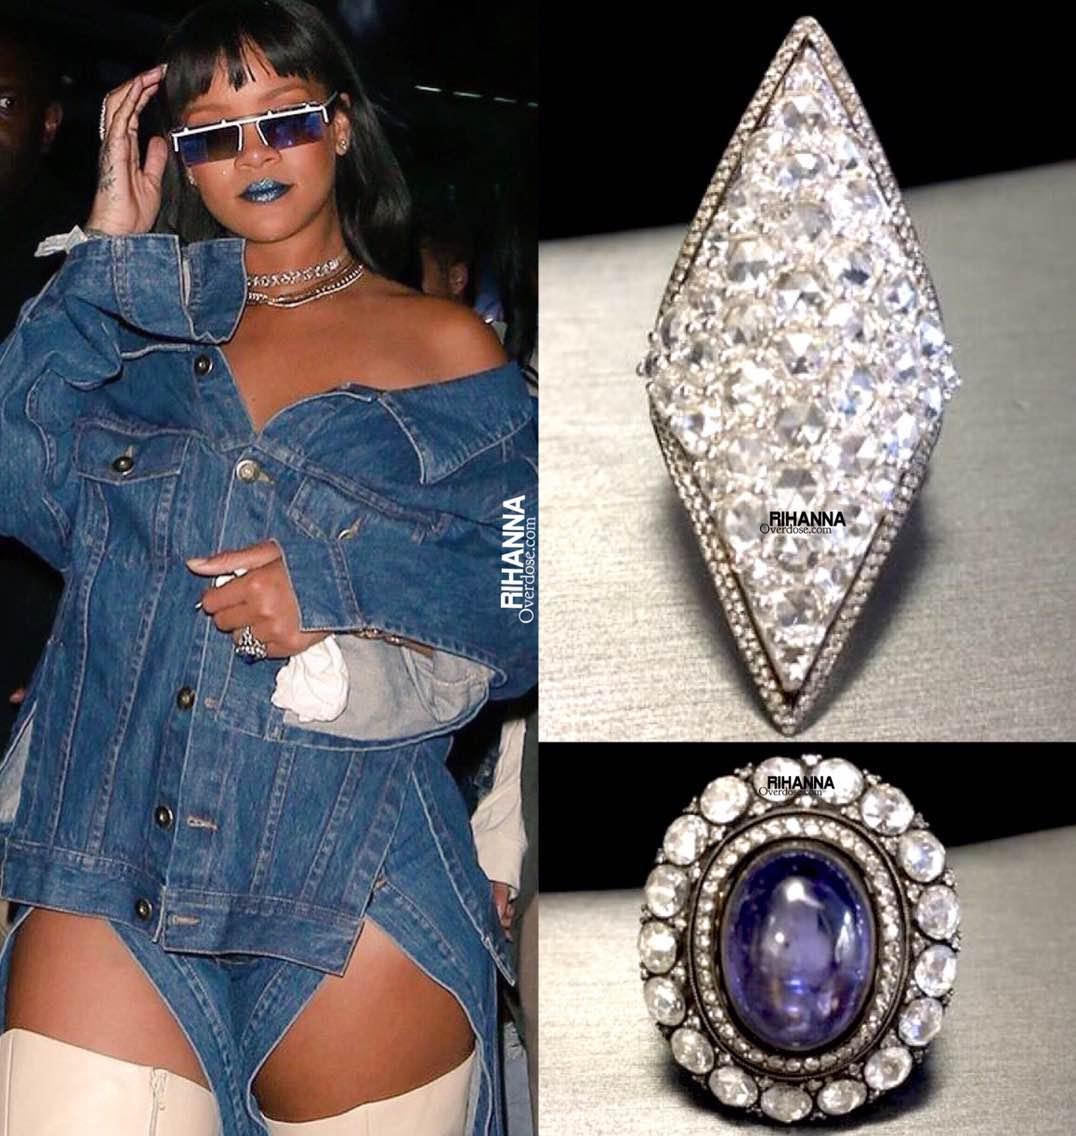 Rihanna wore Gilan diamond rings